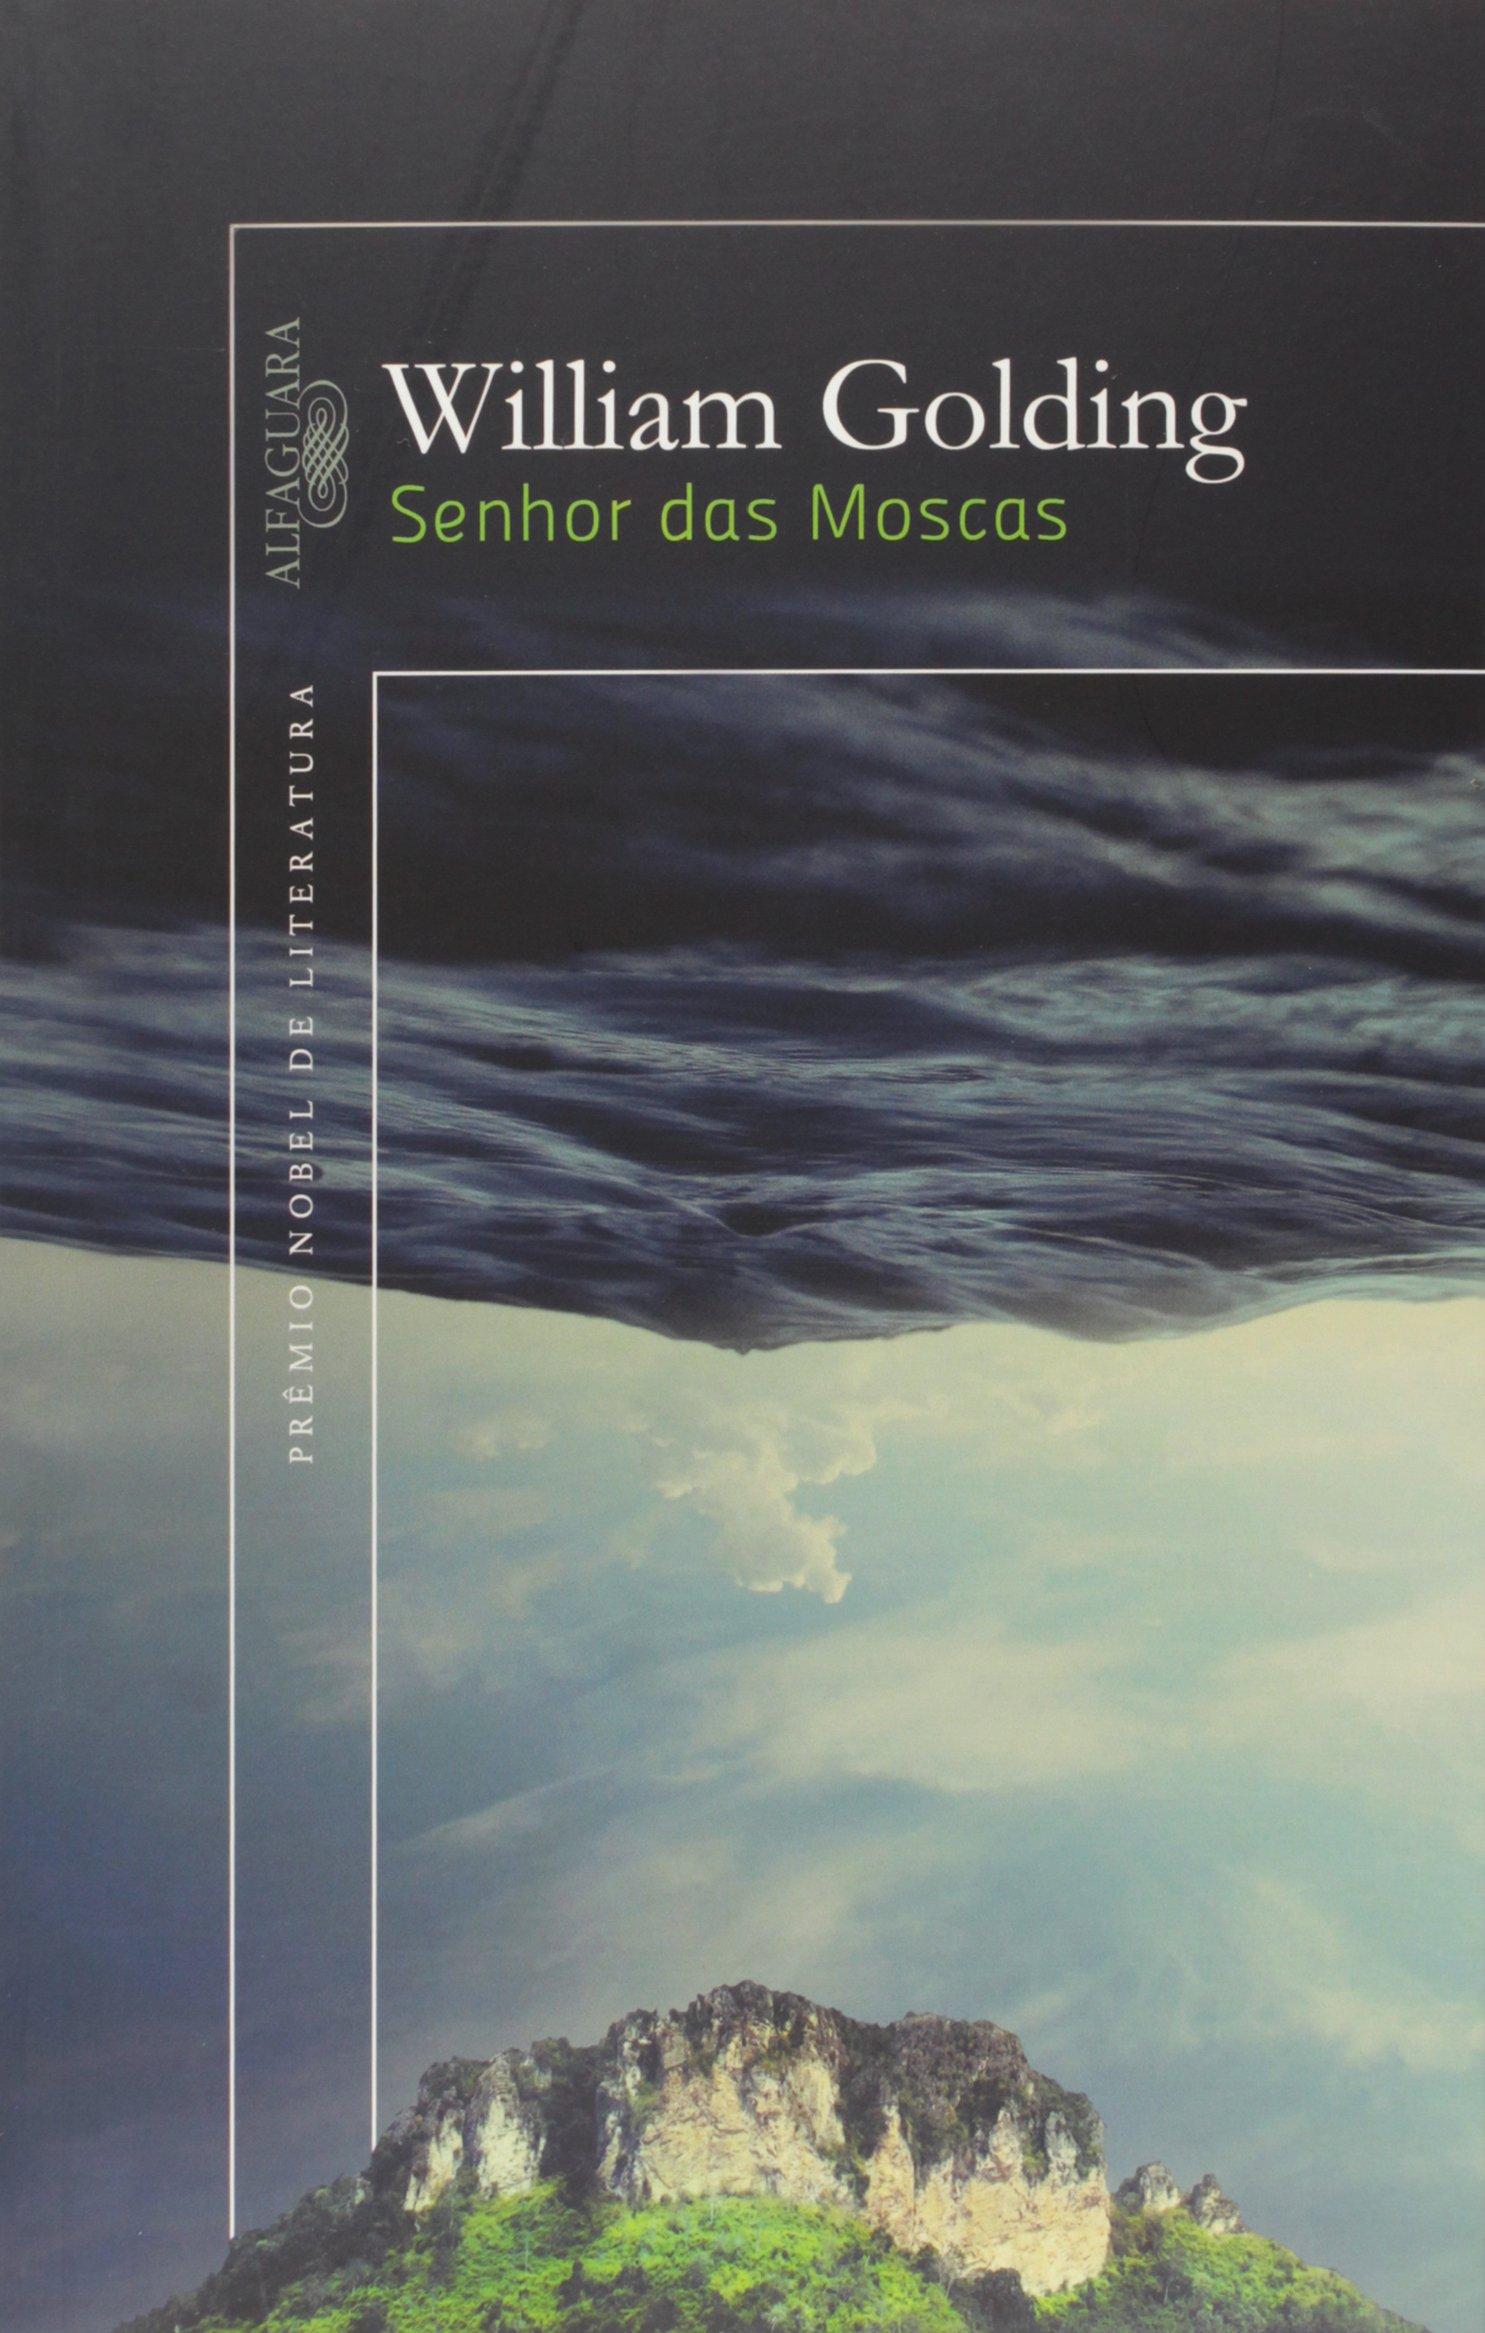 Resenha: O Senhor das Moscas - William Golding